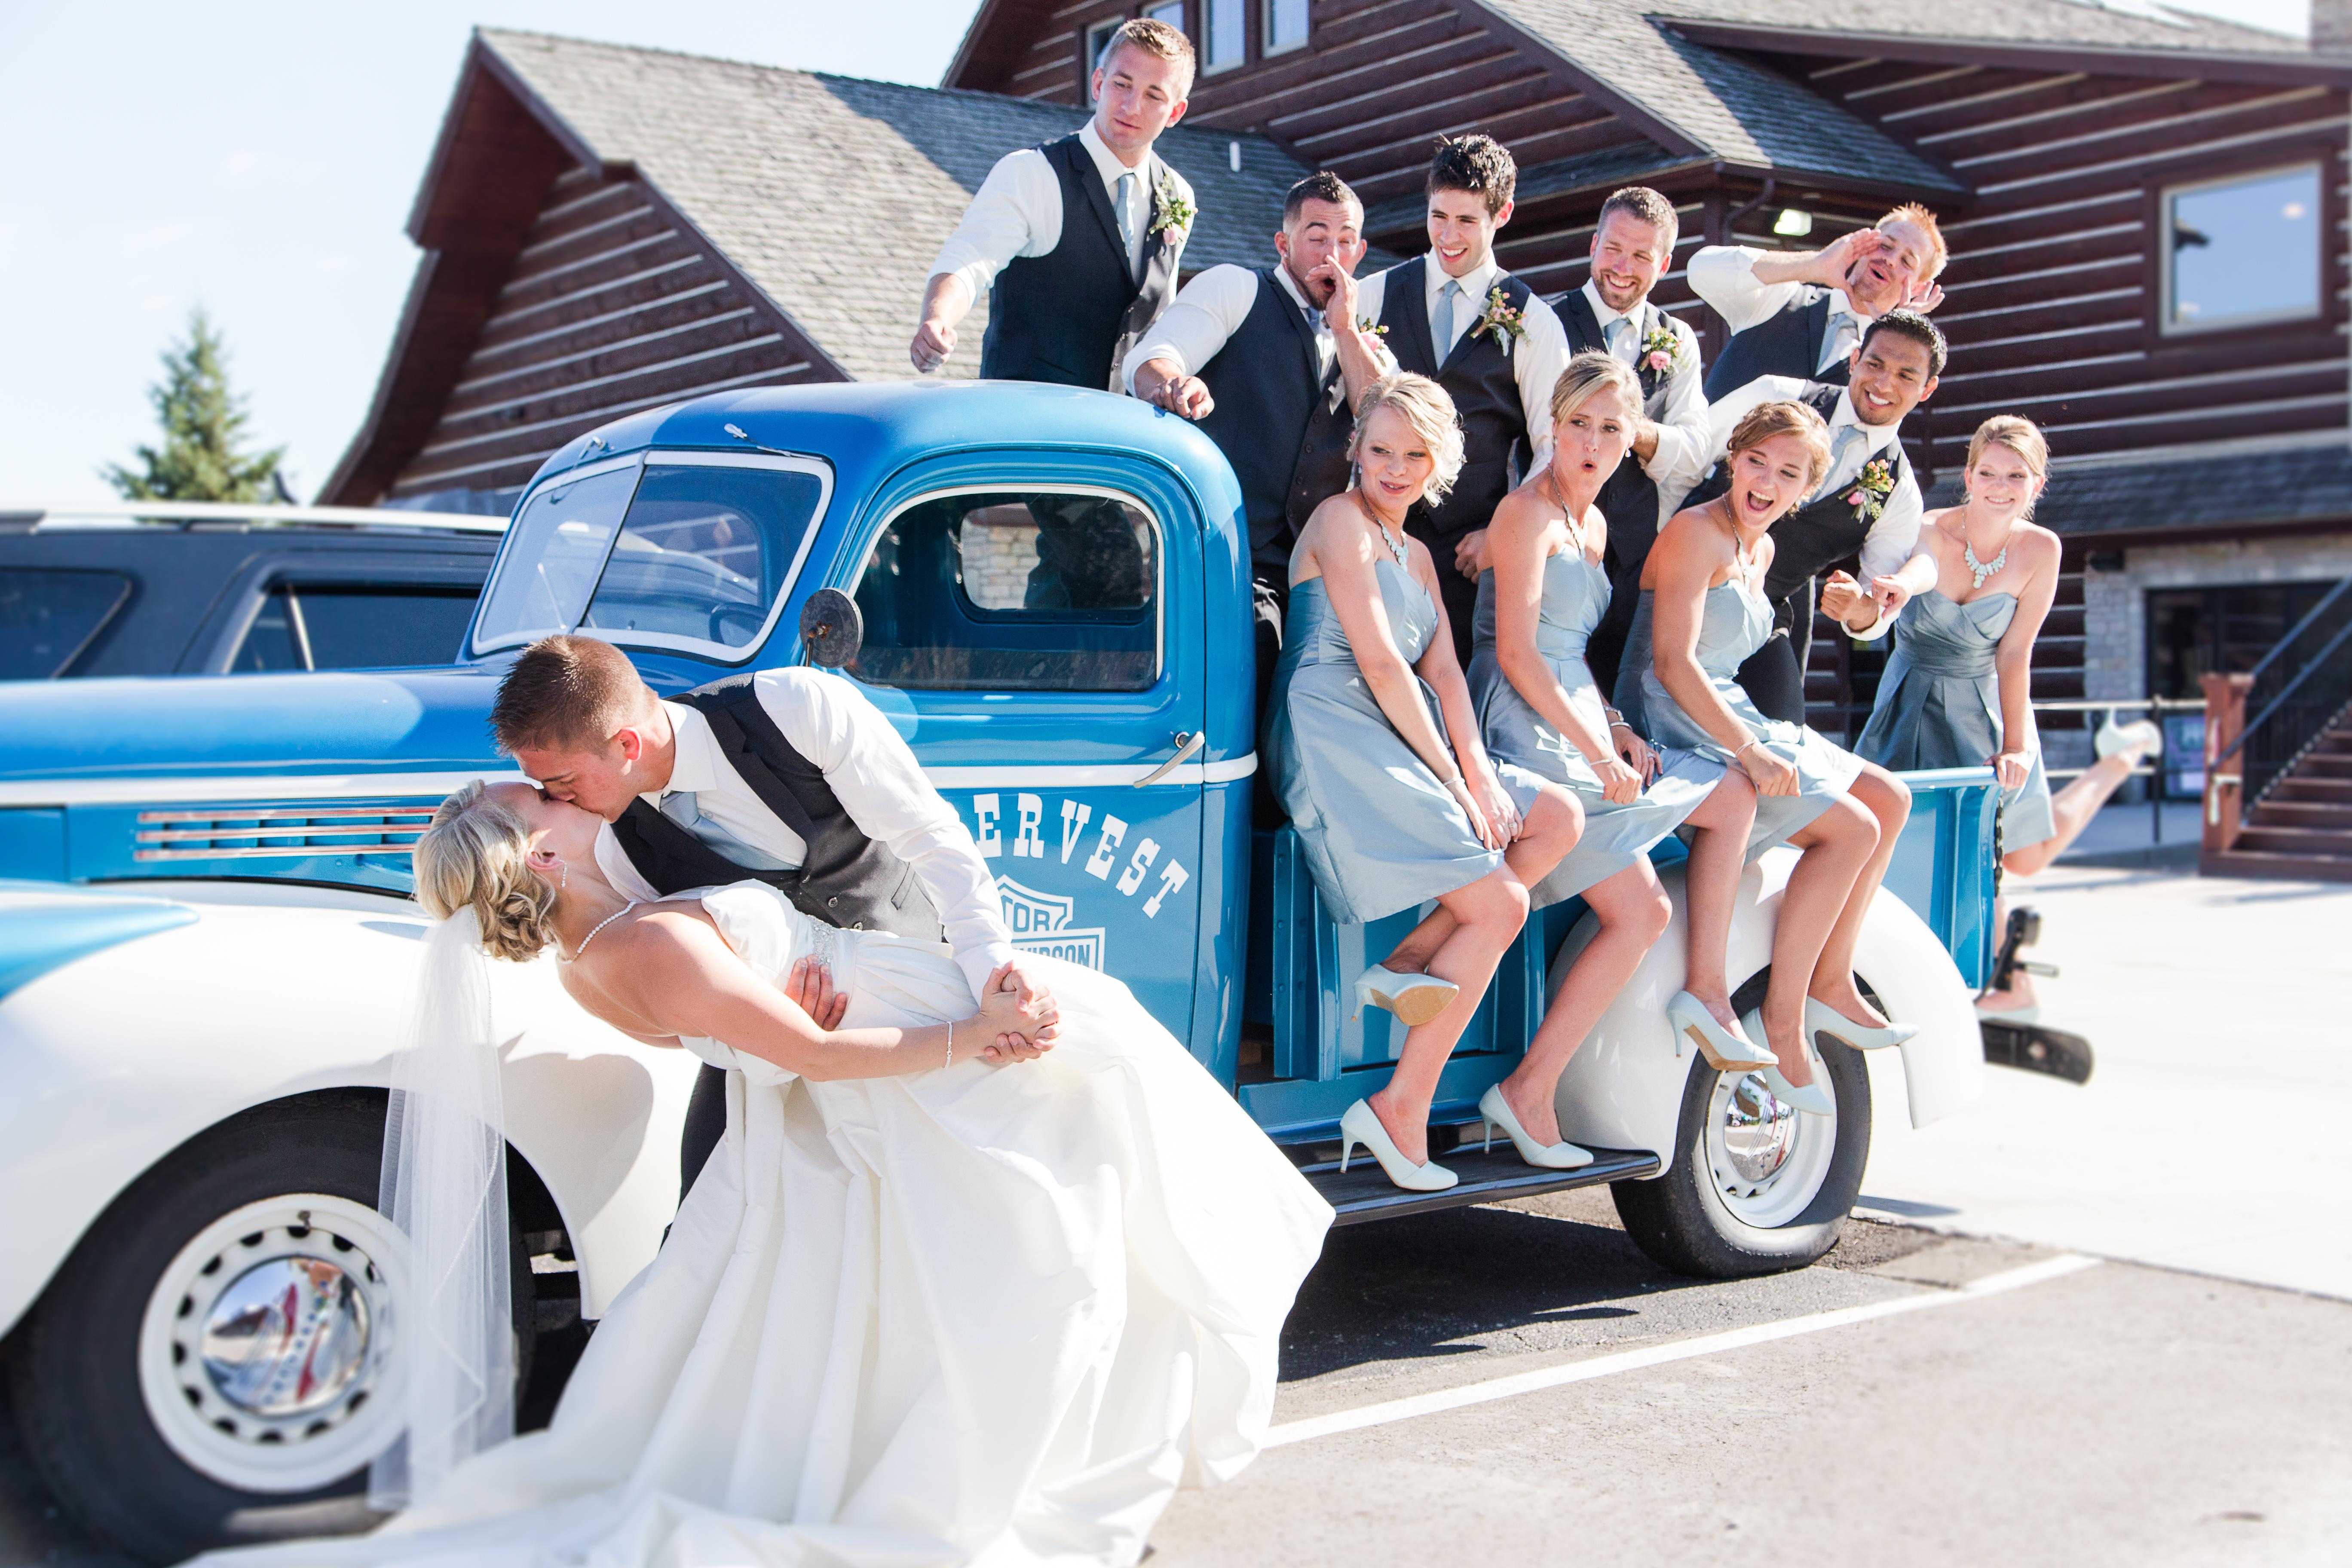 weddings-2920